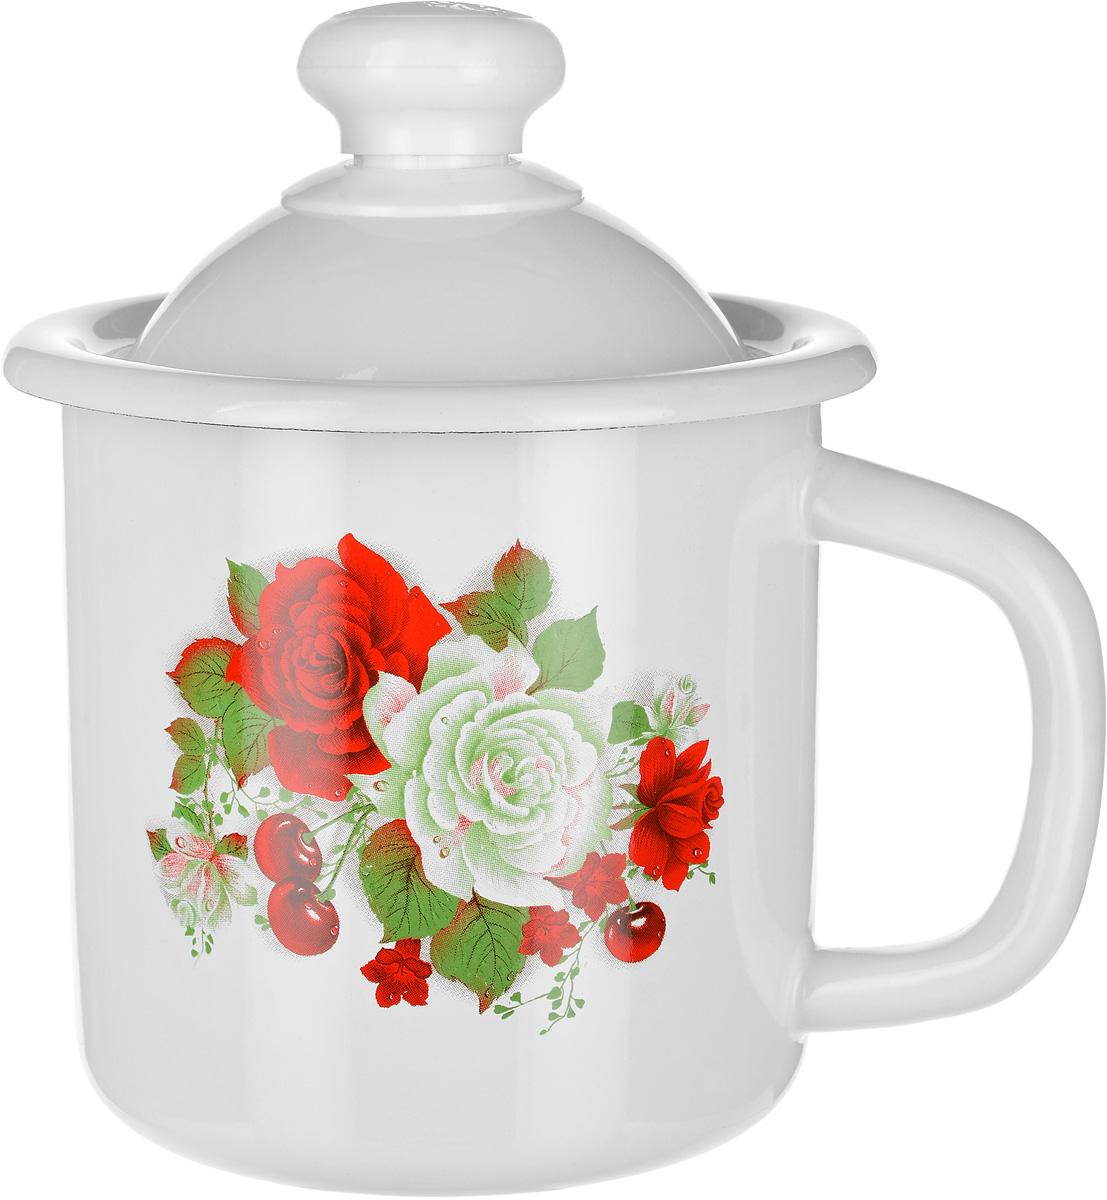 Кружка эмалированная Эмаль Розы и вишня, с крышкой, 1 л01-0207/4М_розы и вишняКружка эмалированная Эмаль Розы и вишня, с крышкой, 1 л